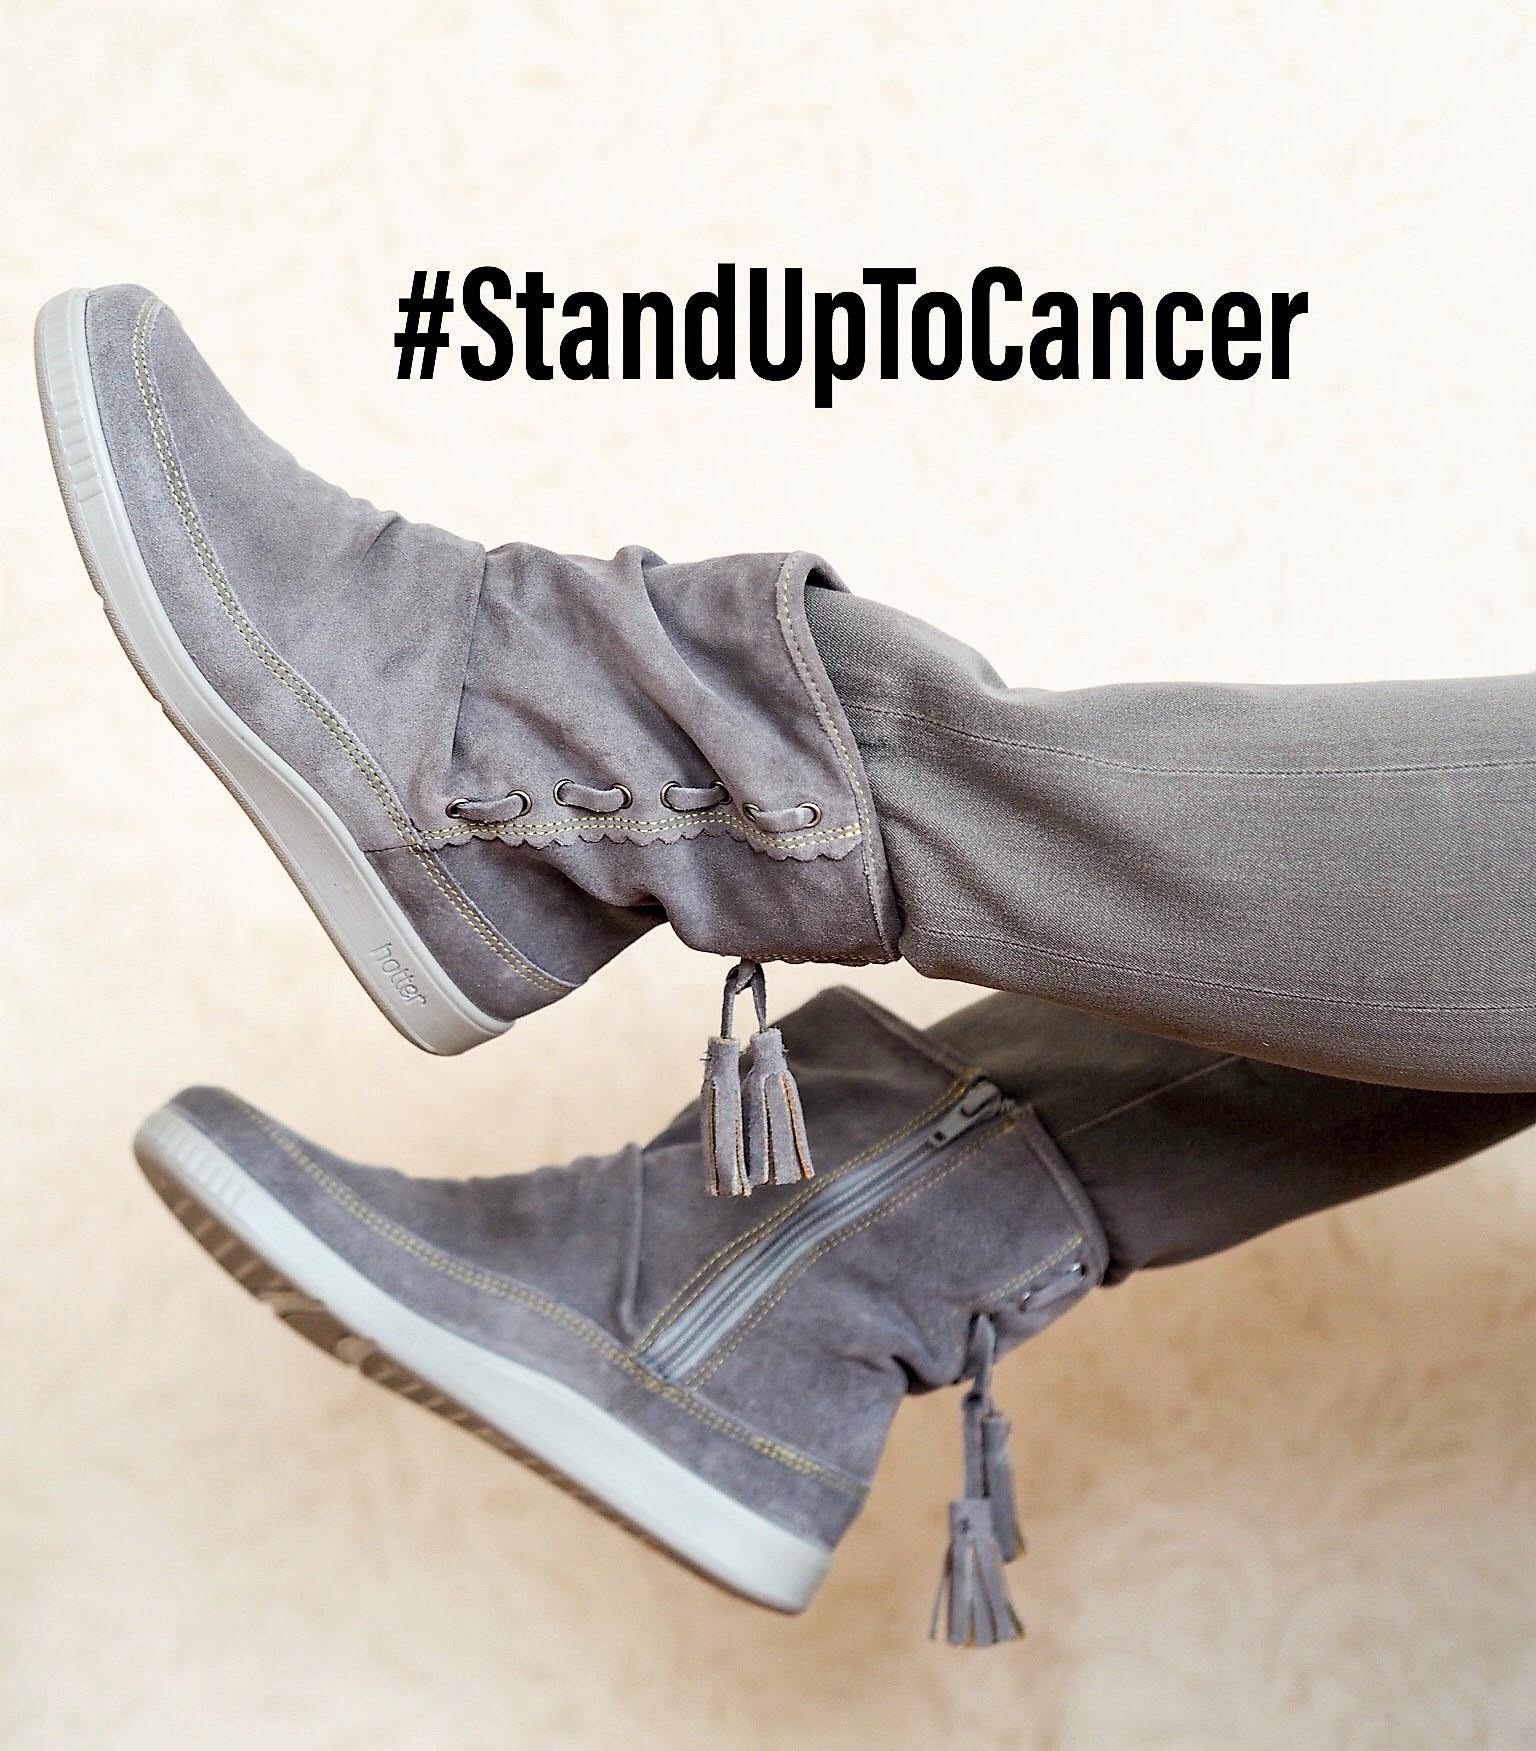 #StandUpToCancer